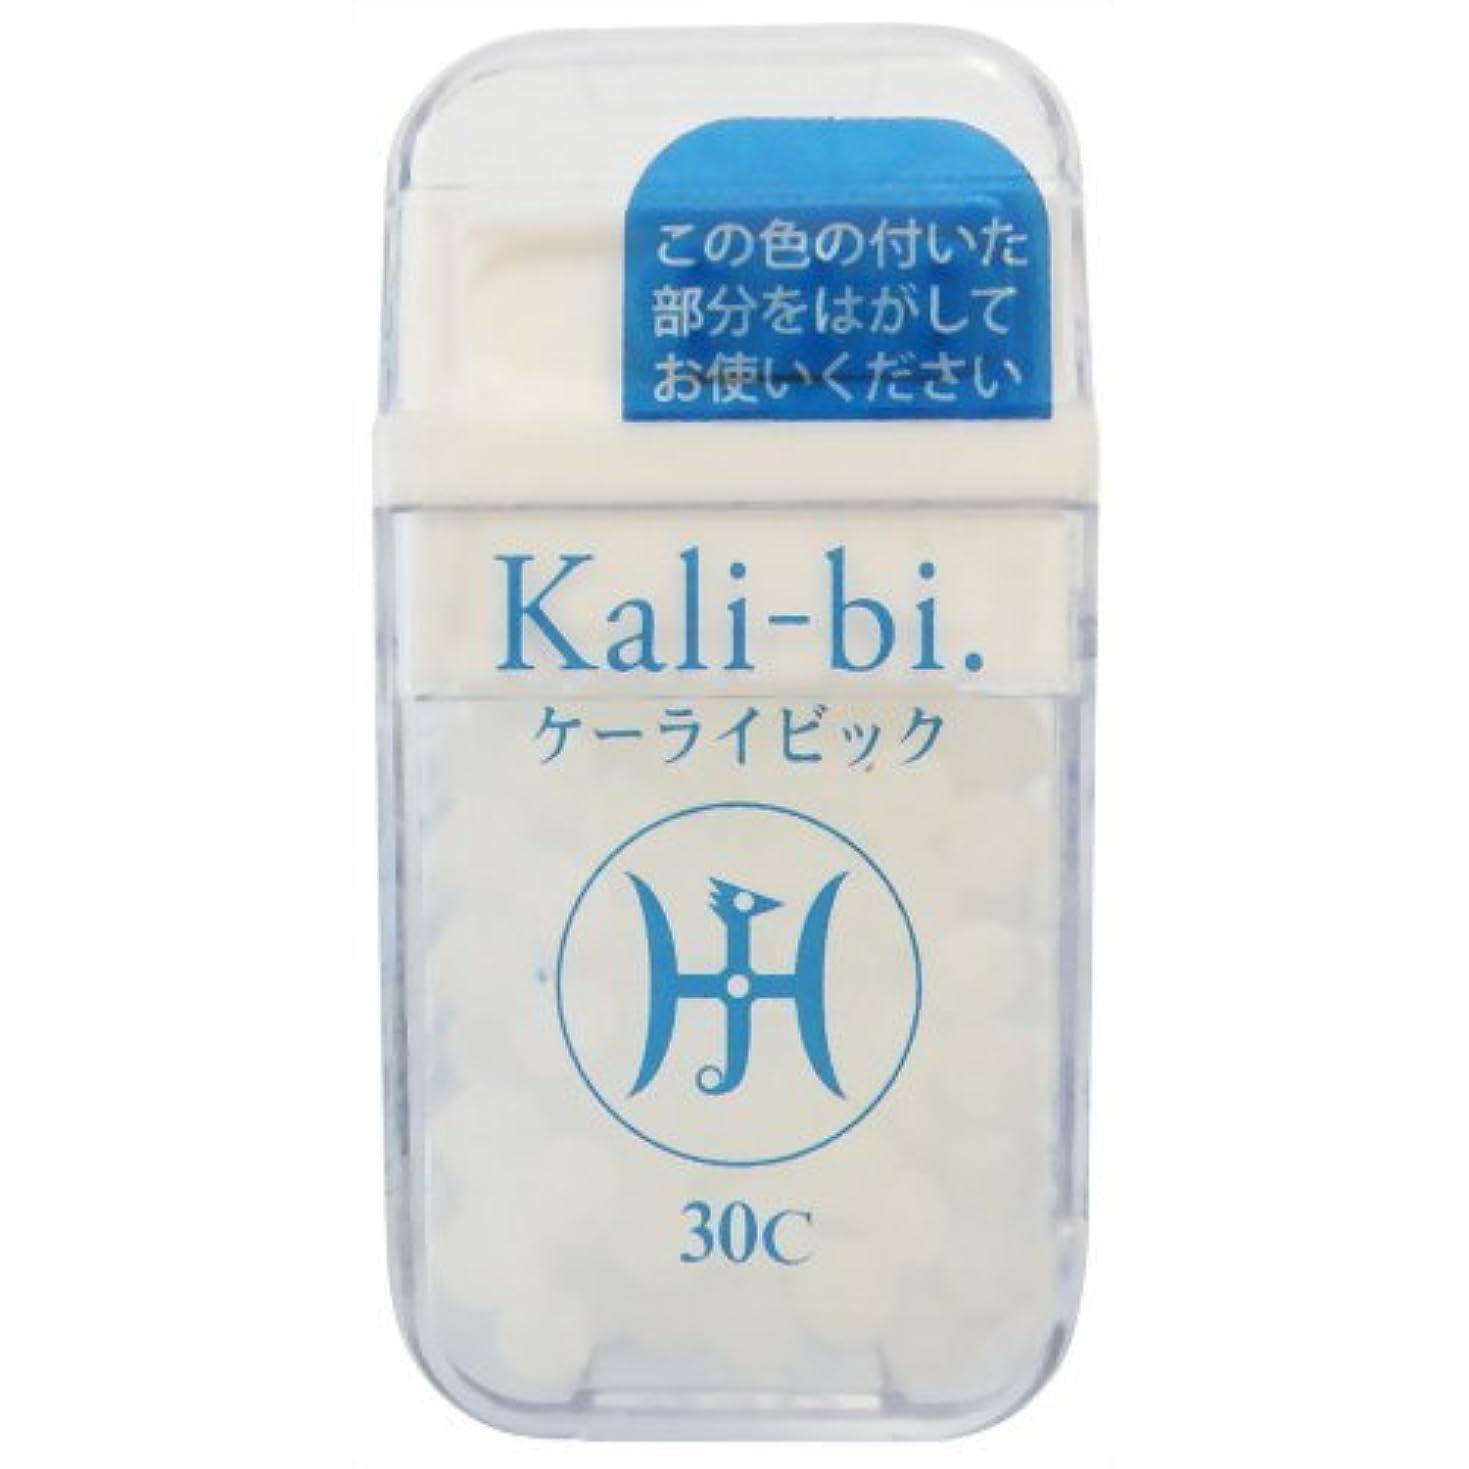 花瓶ほんのさわやかホメオパシージャパンレメディー Kali-bi.  ケーライビック 30C (大ビン)